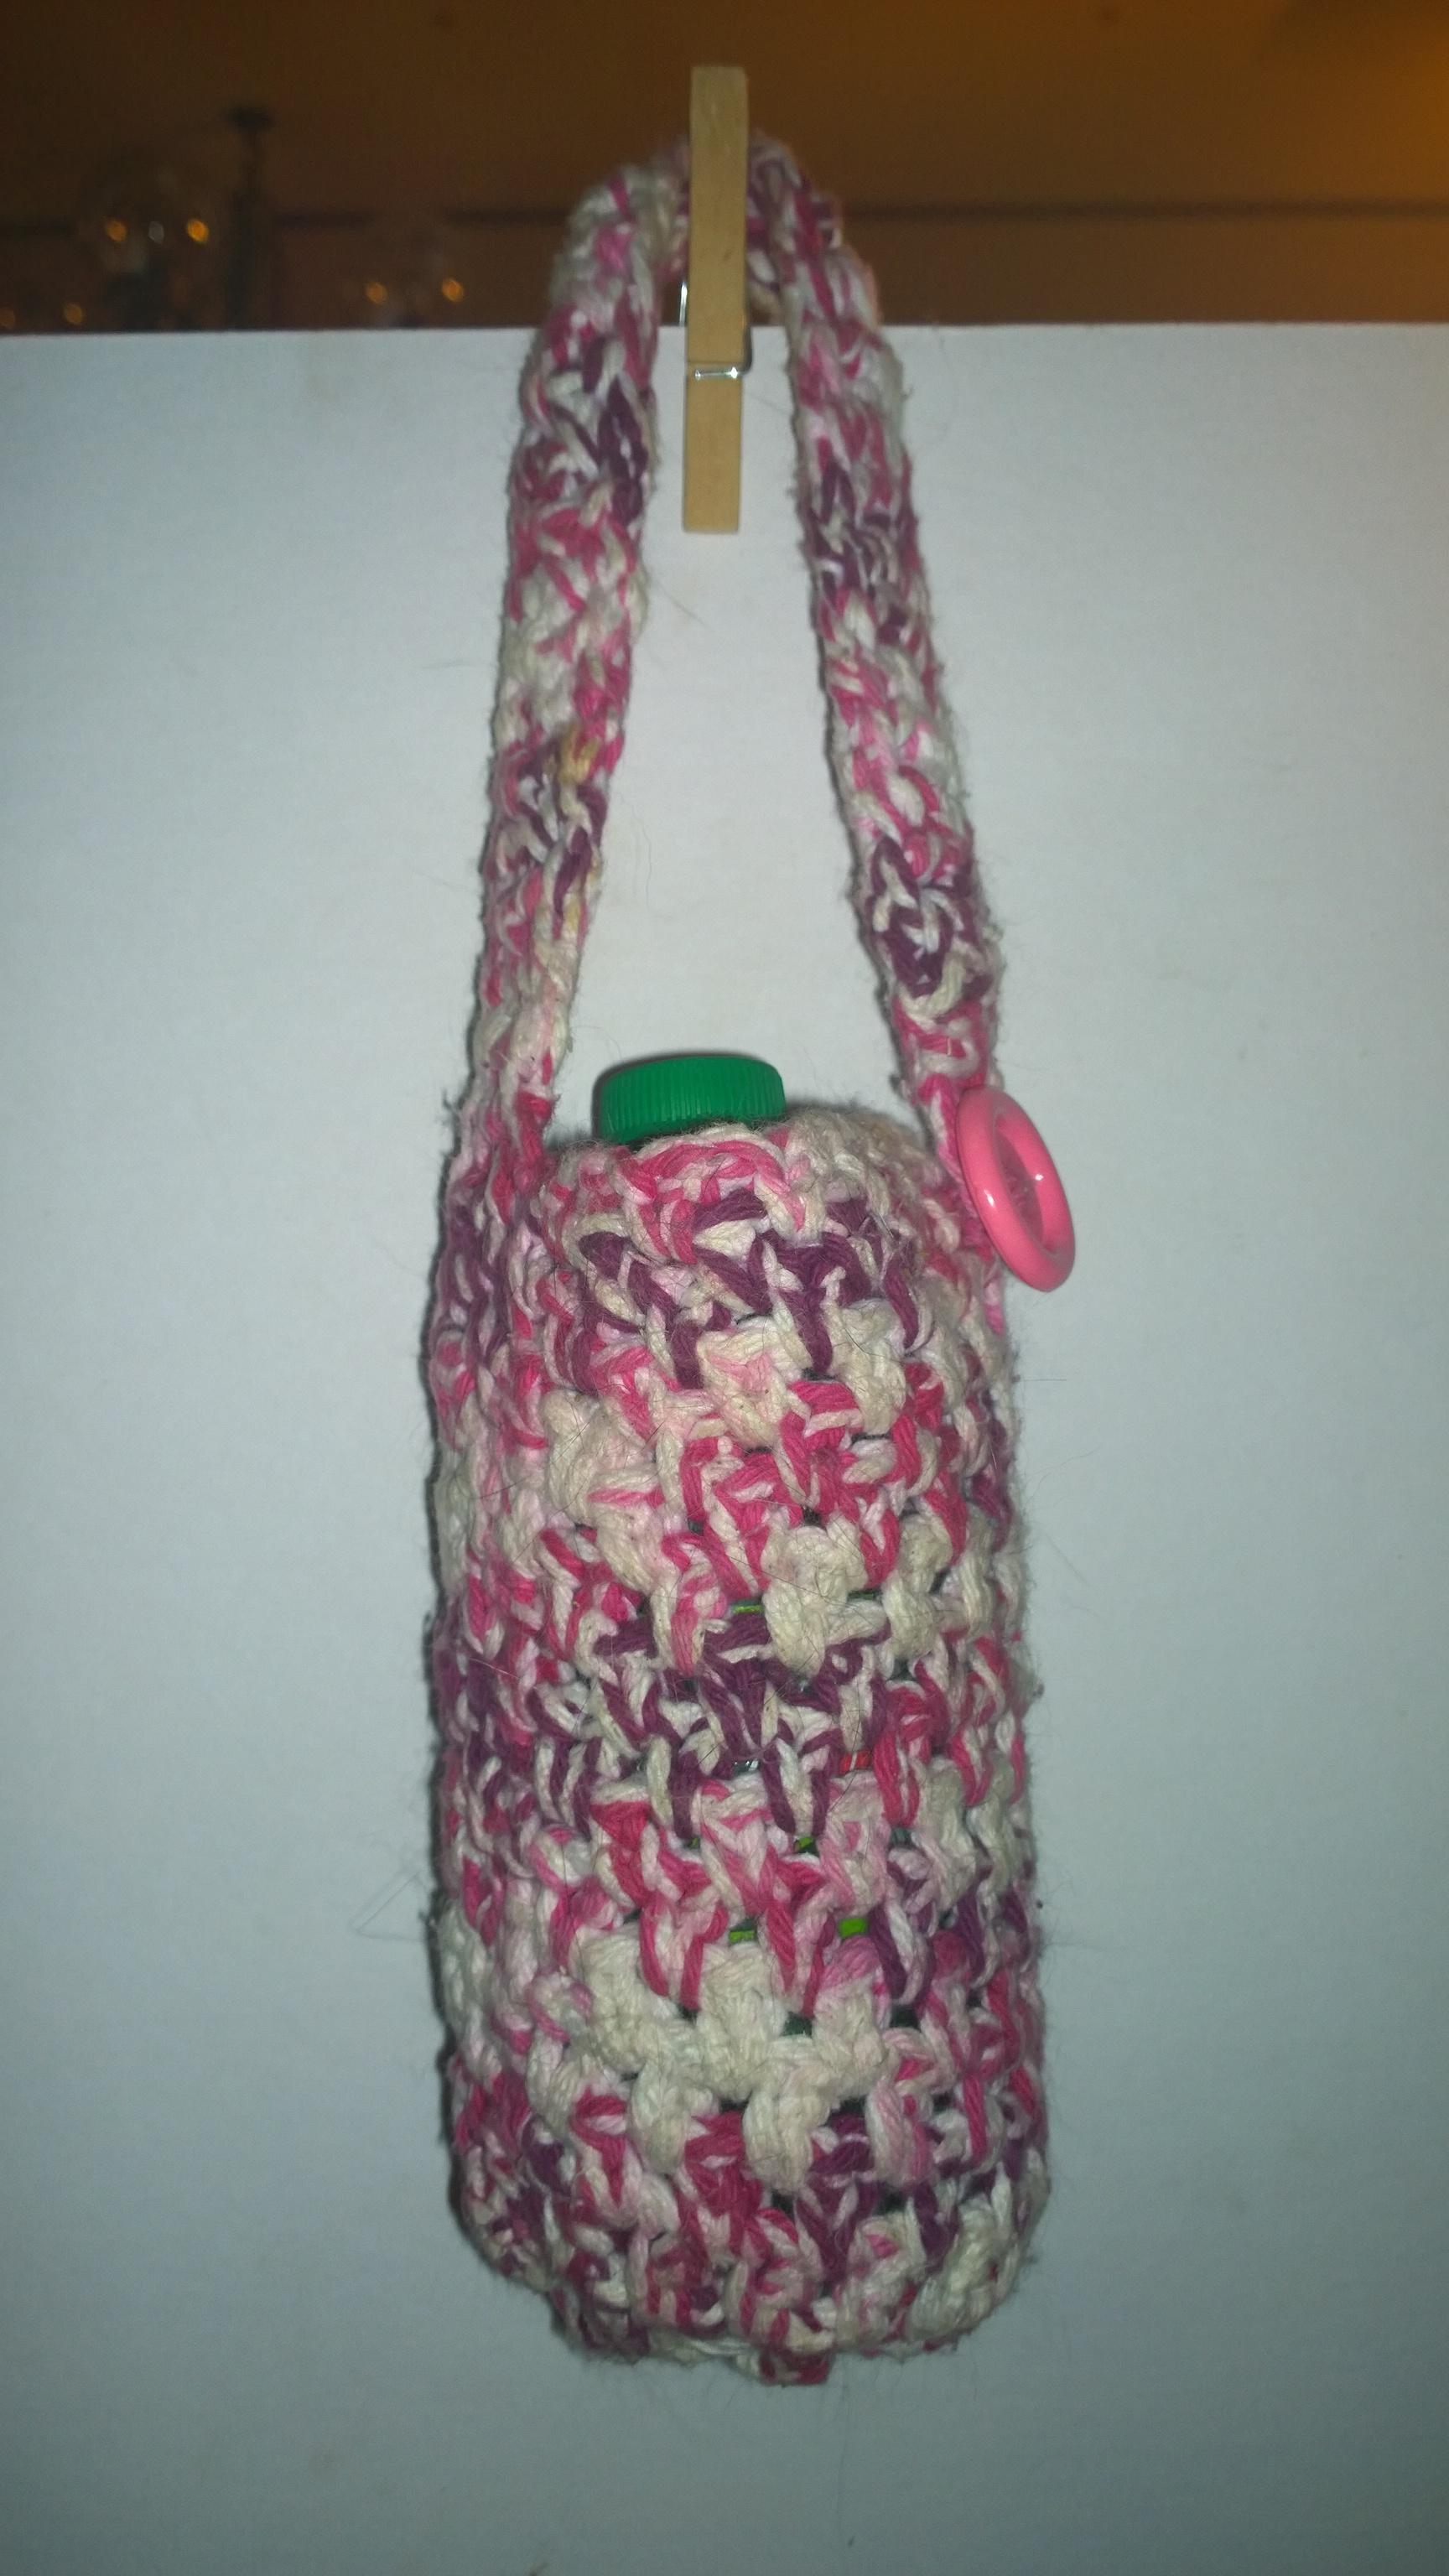 CrochetedBottle Holder